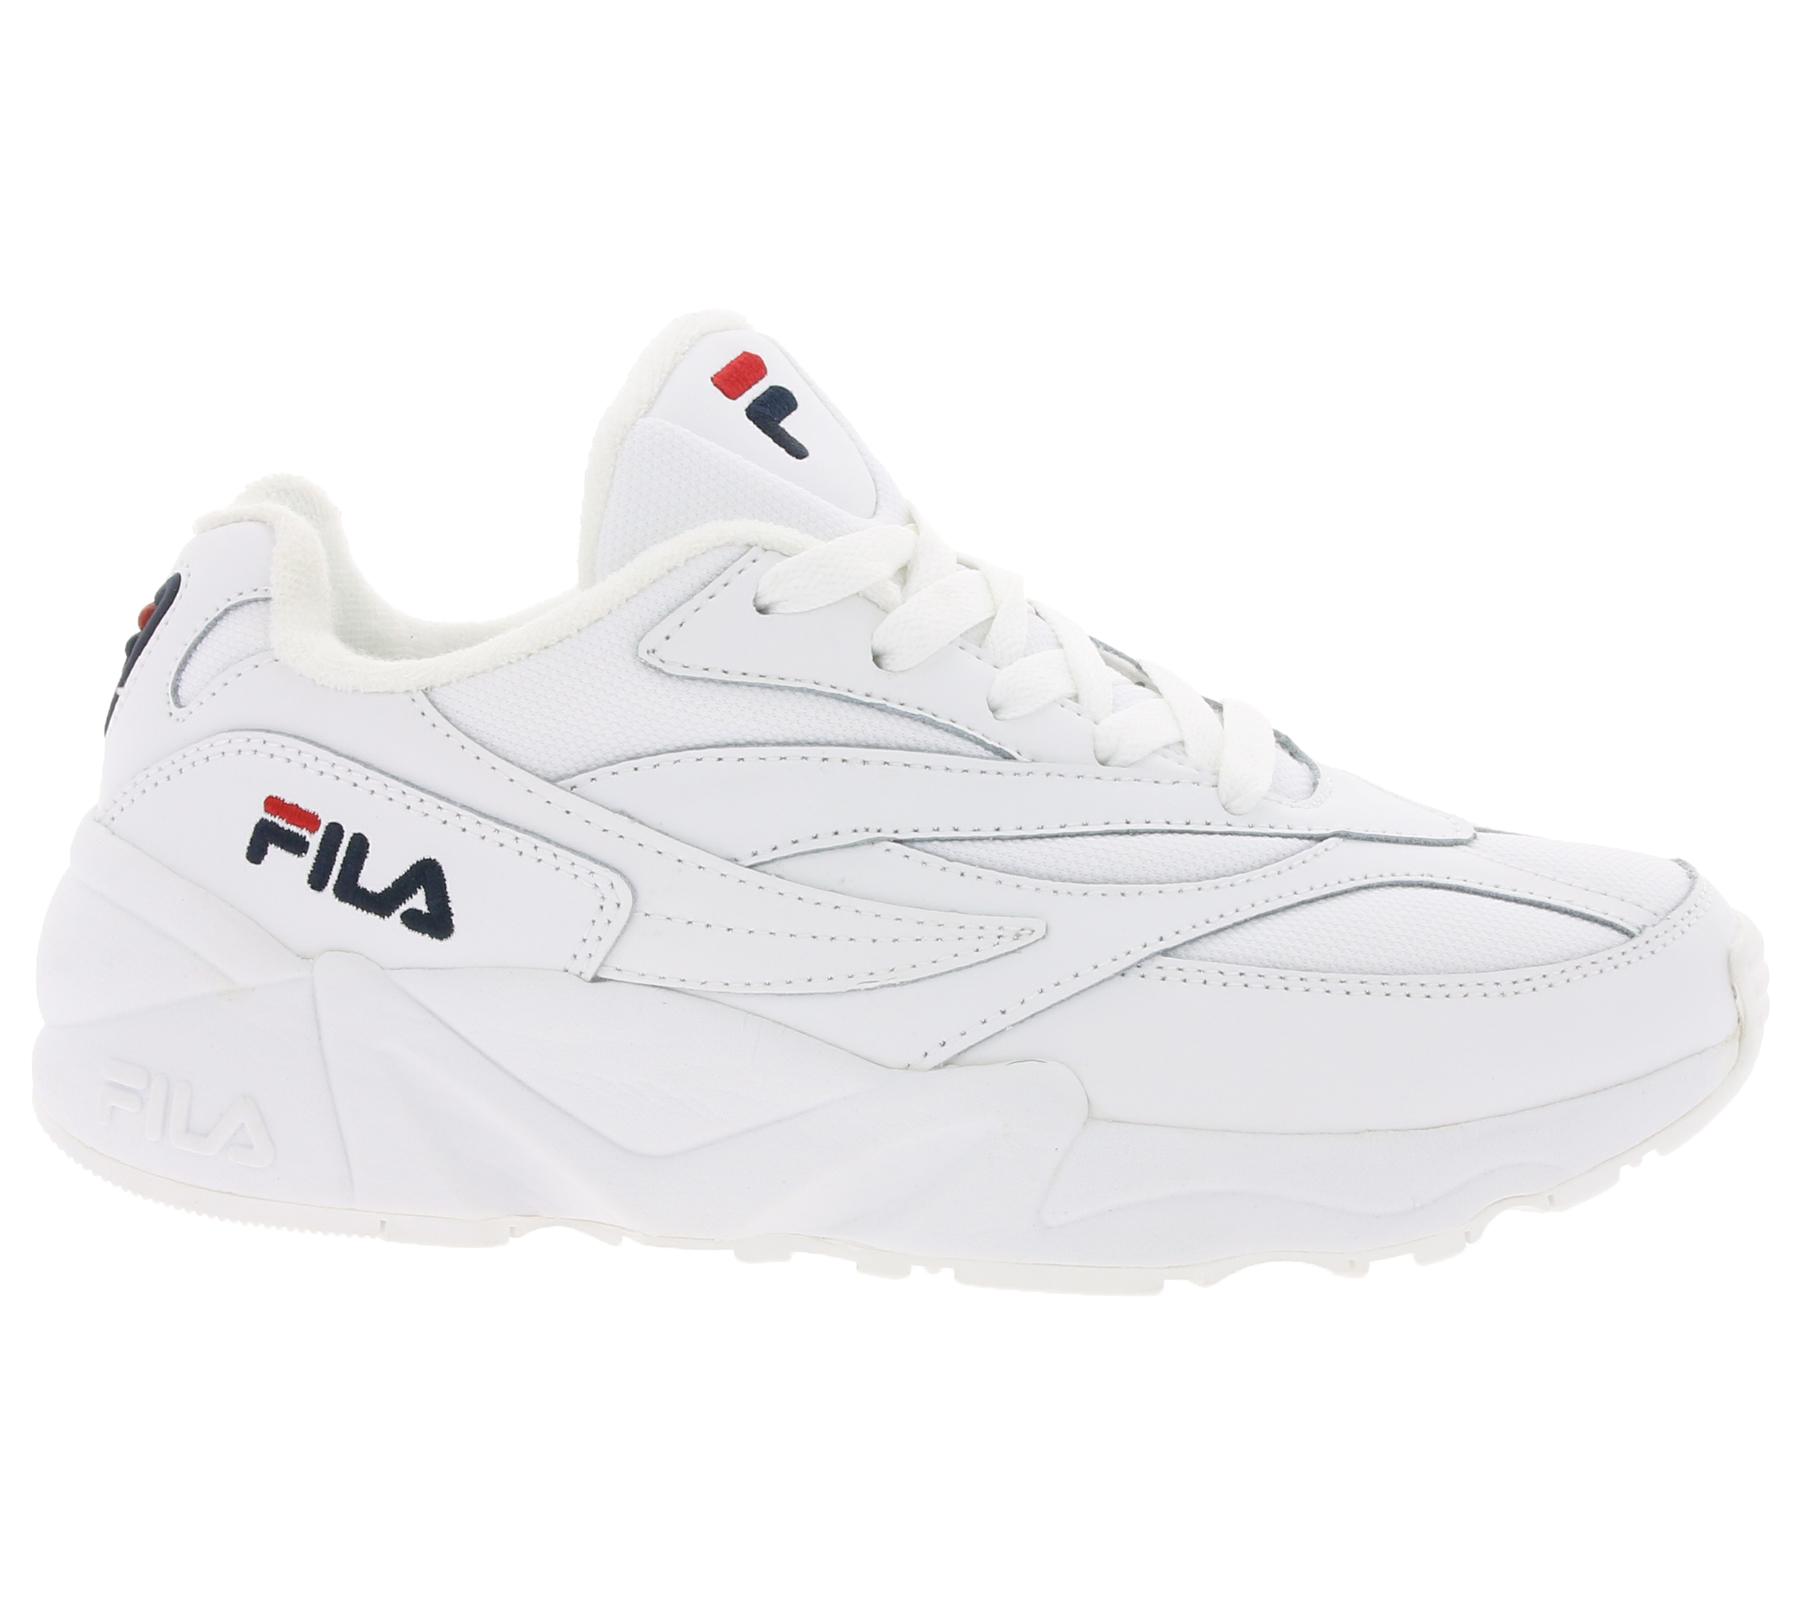 Sneaker & Turnschuhe für Damen Online Shop & Outlet 46 2 | O46